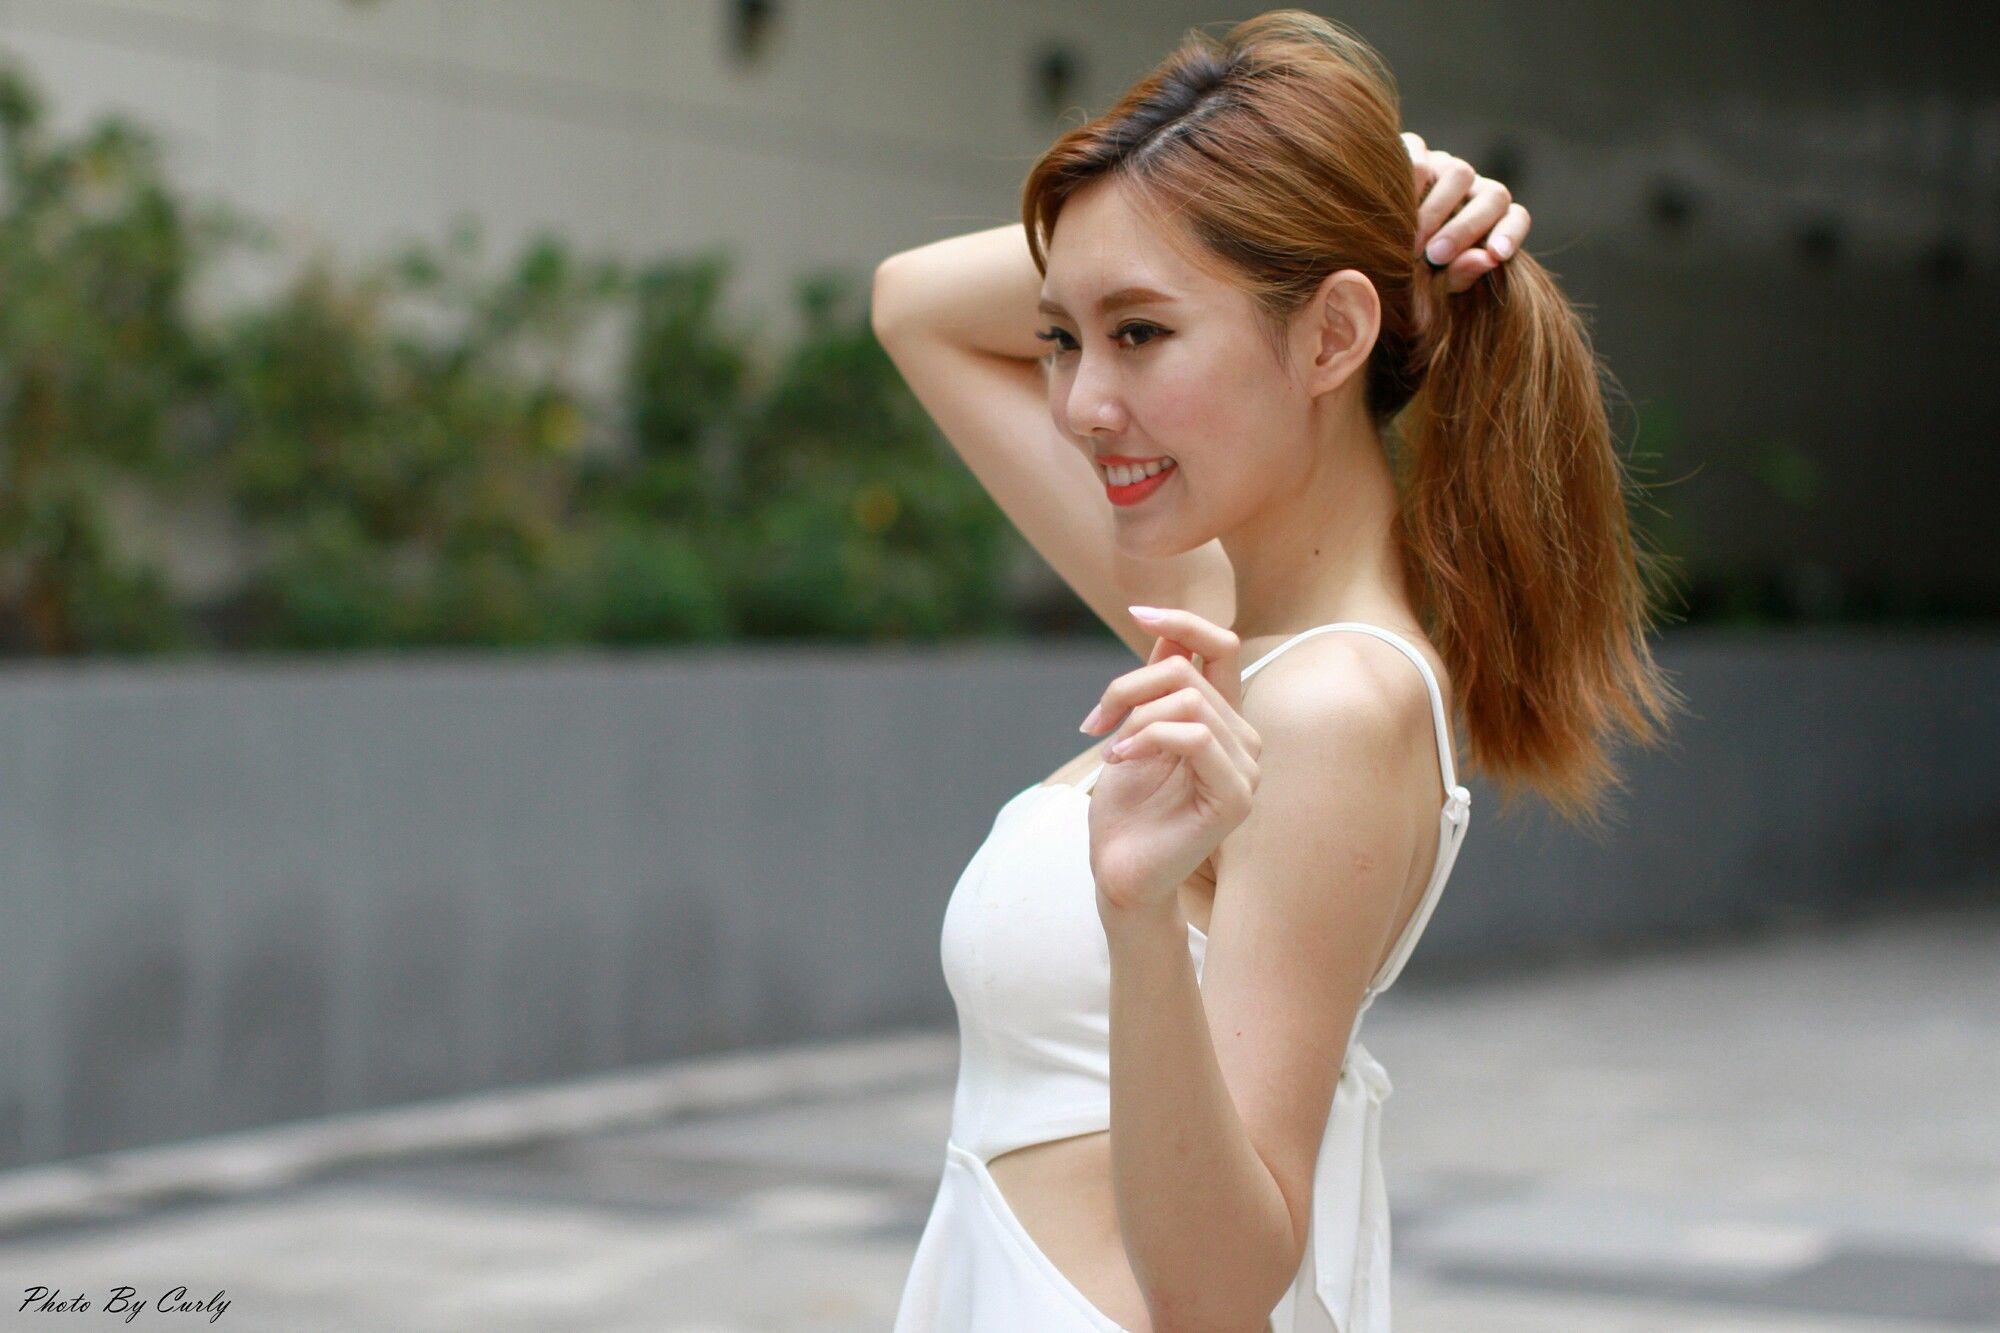 郭珉妏Queenie - 技擊館街拍 写真图片